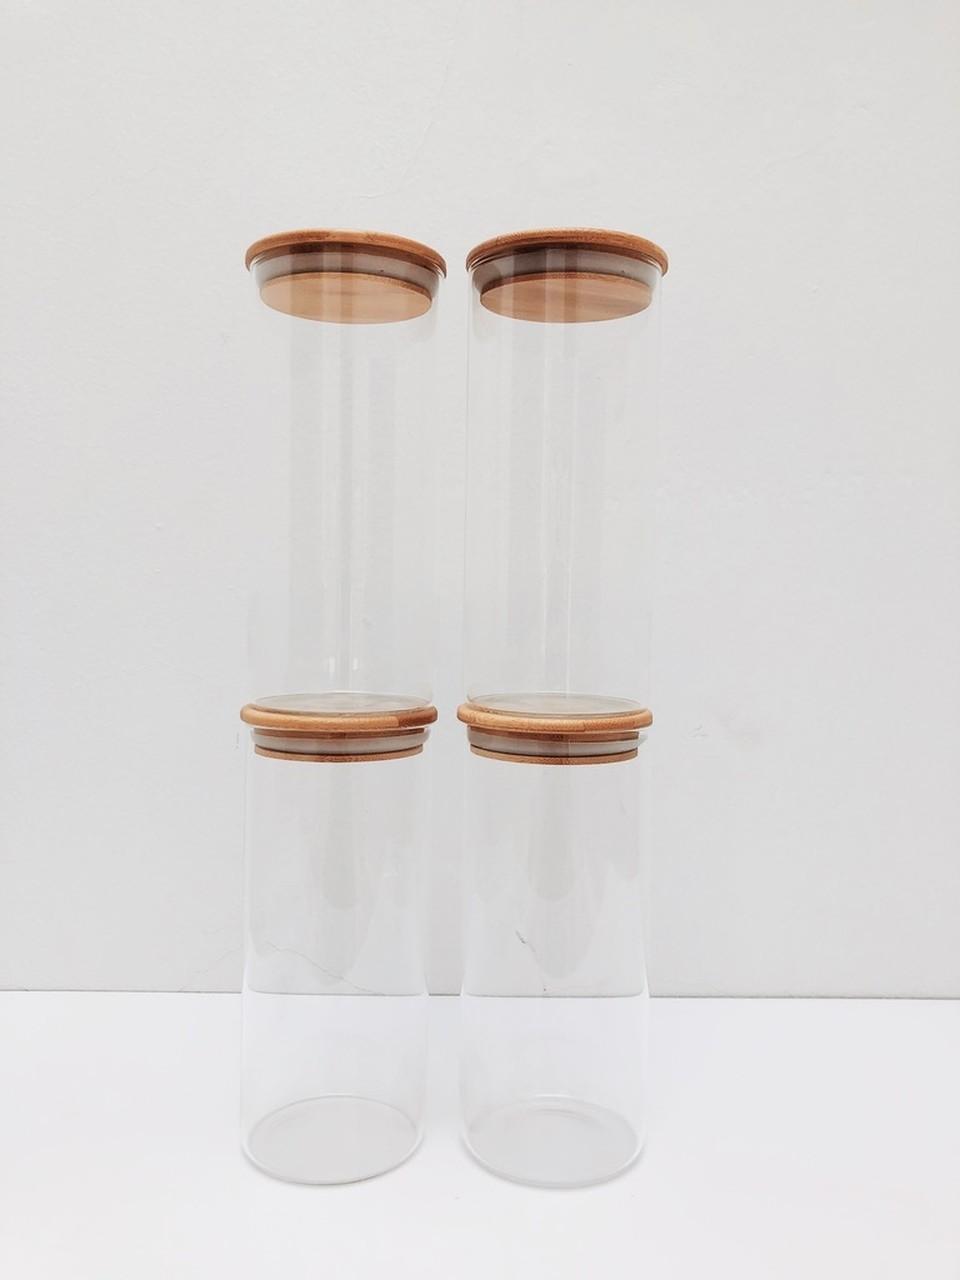 Kit Pote de Vidro com Tampa de Bambu 800ml - 4 Peças  - CASACOBRE